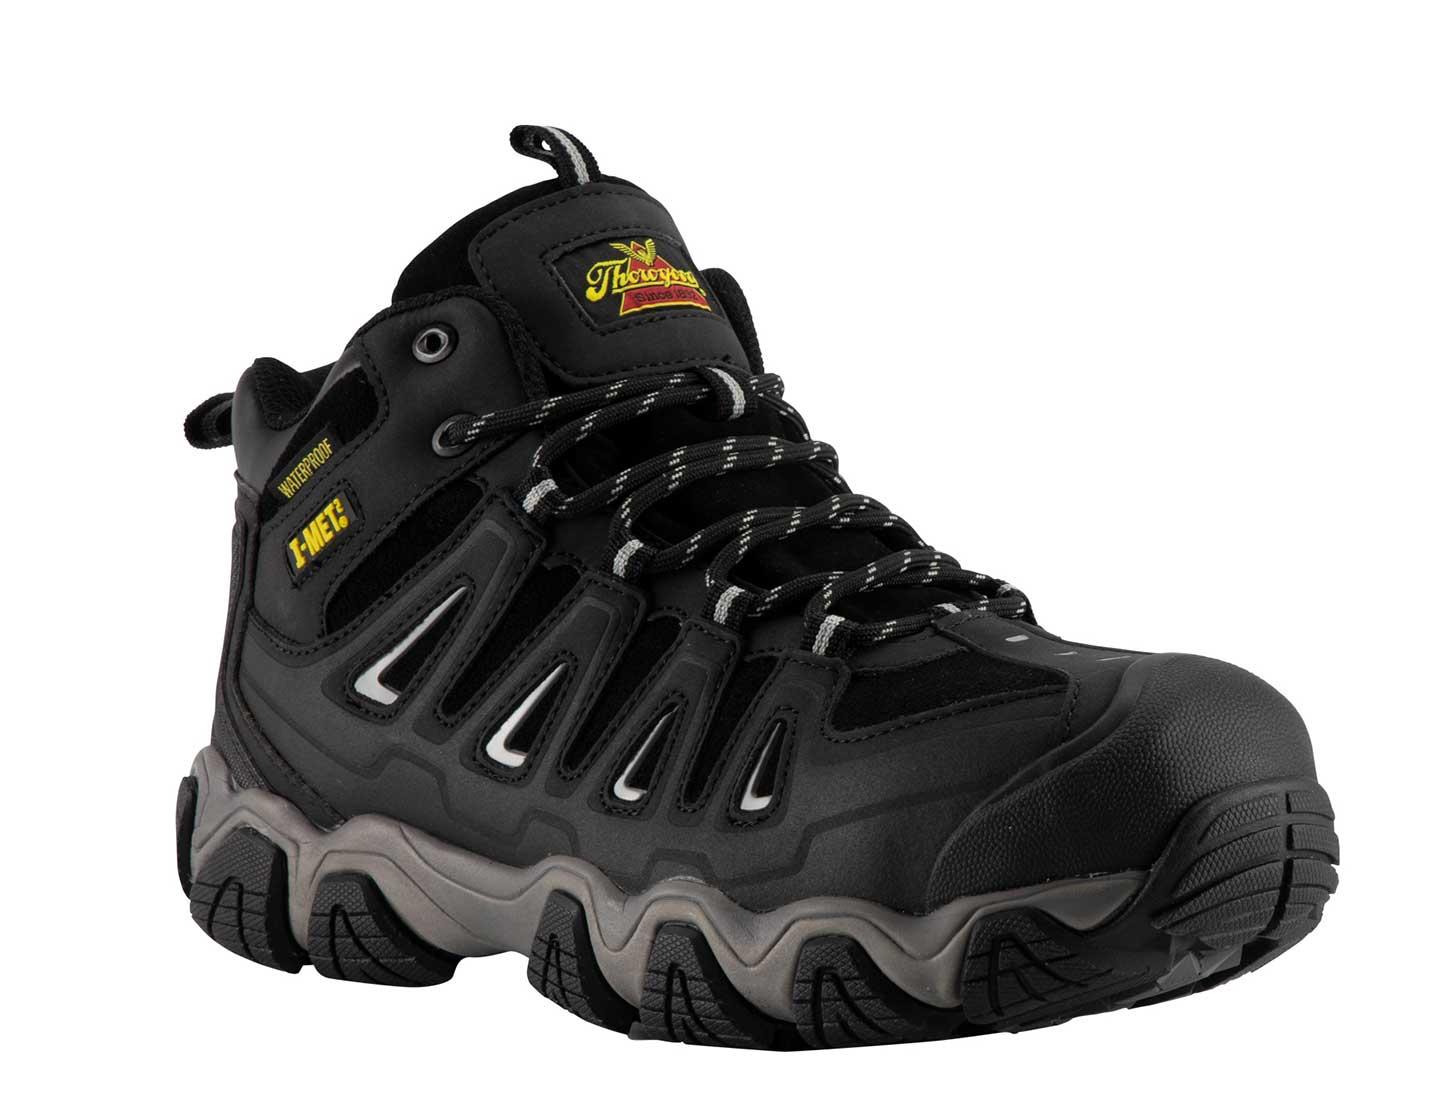 Waterproof Composite Toe Work Shoe